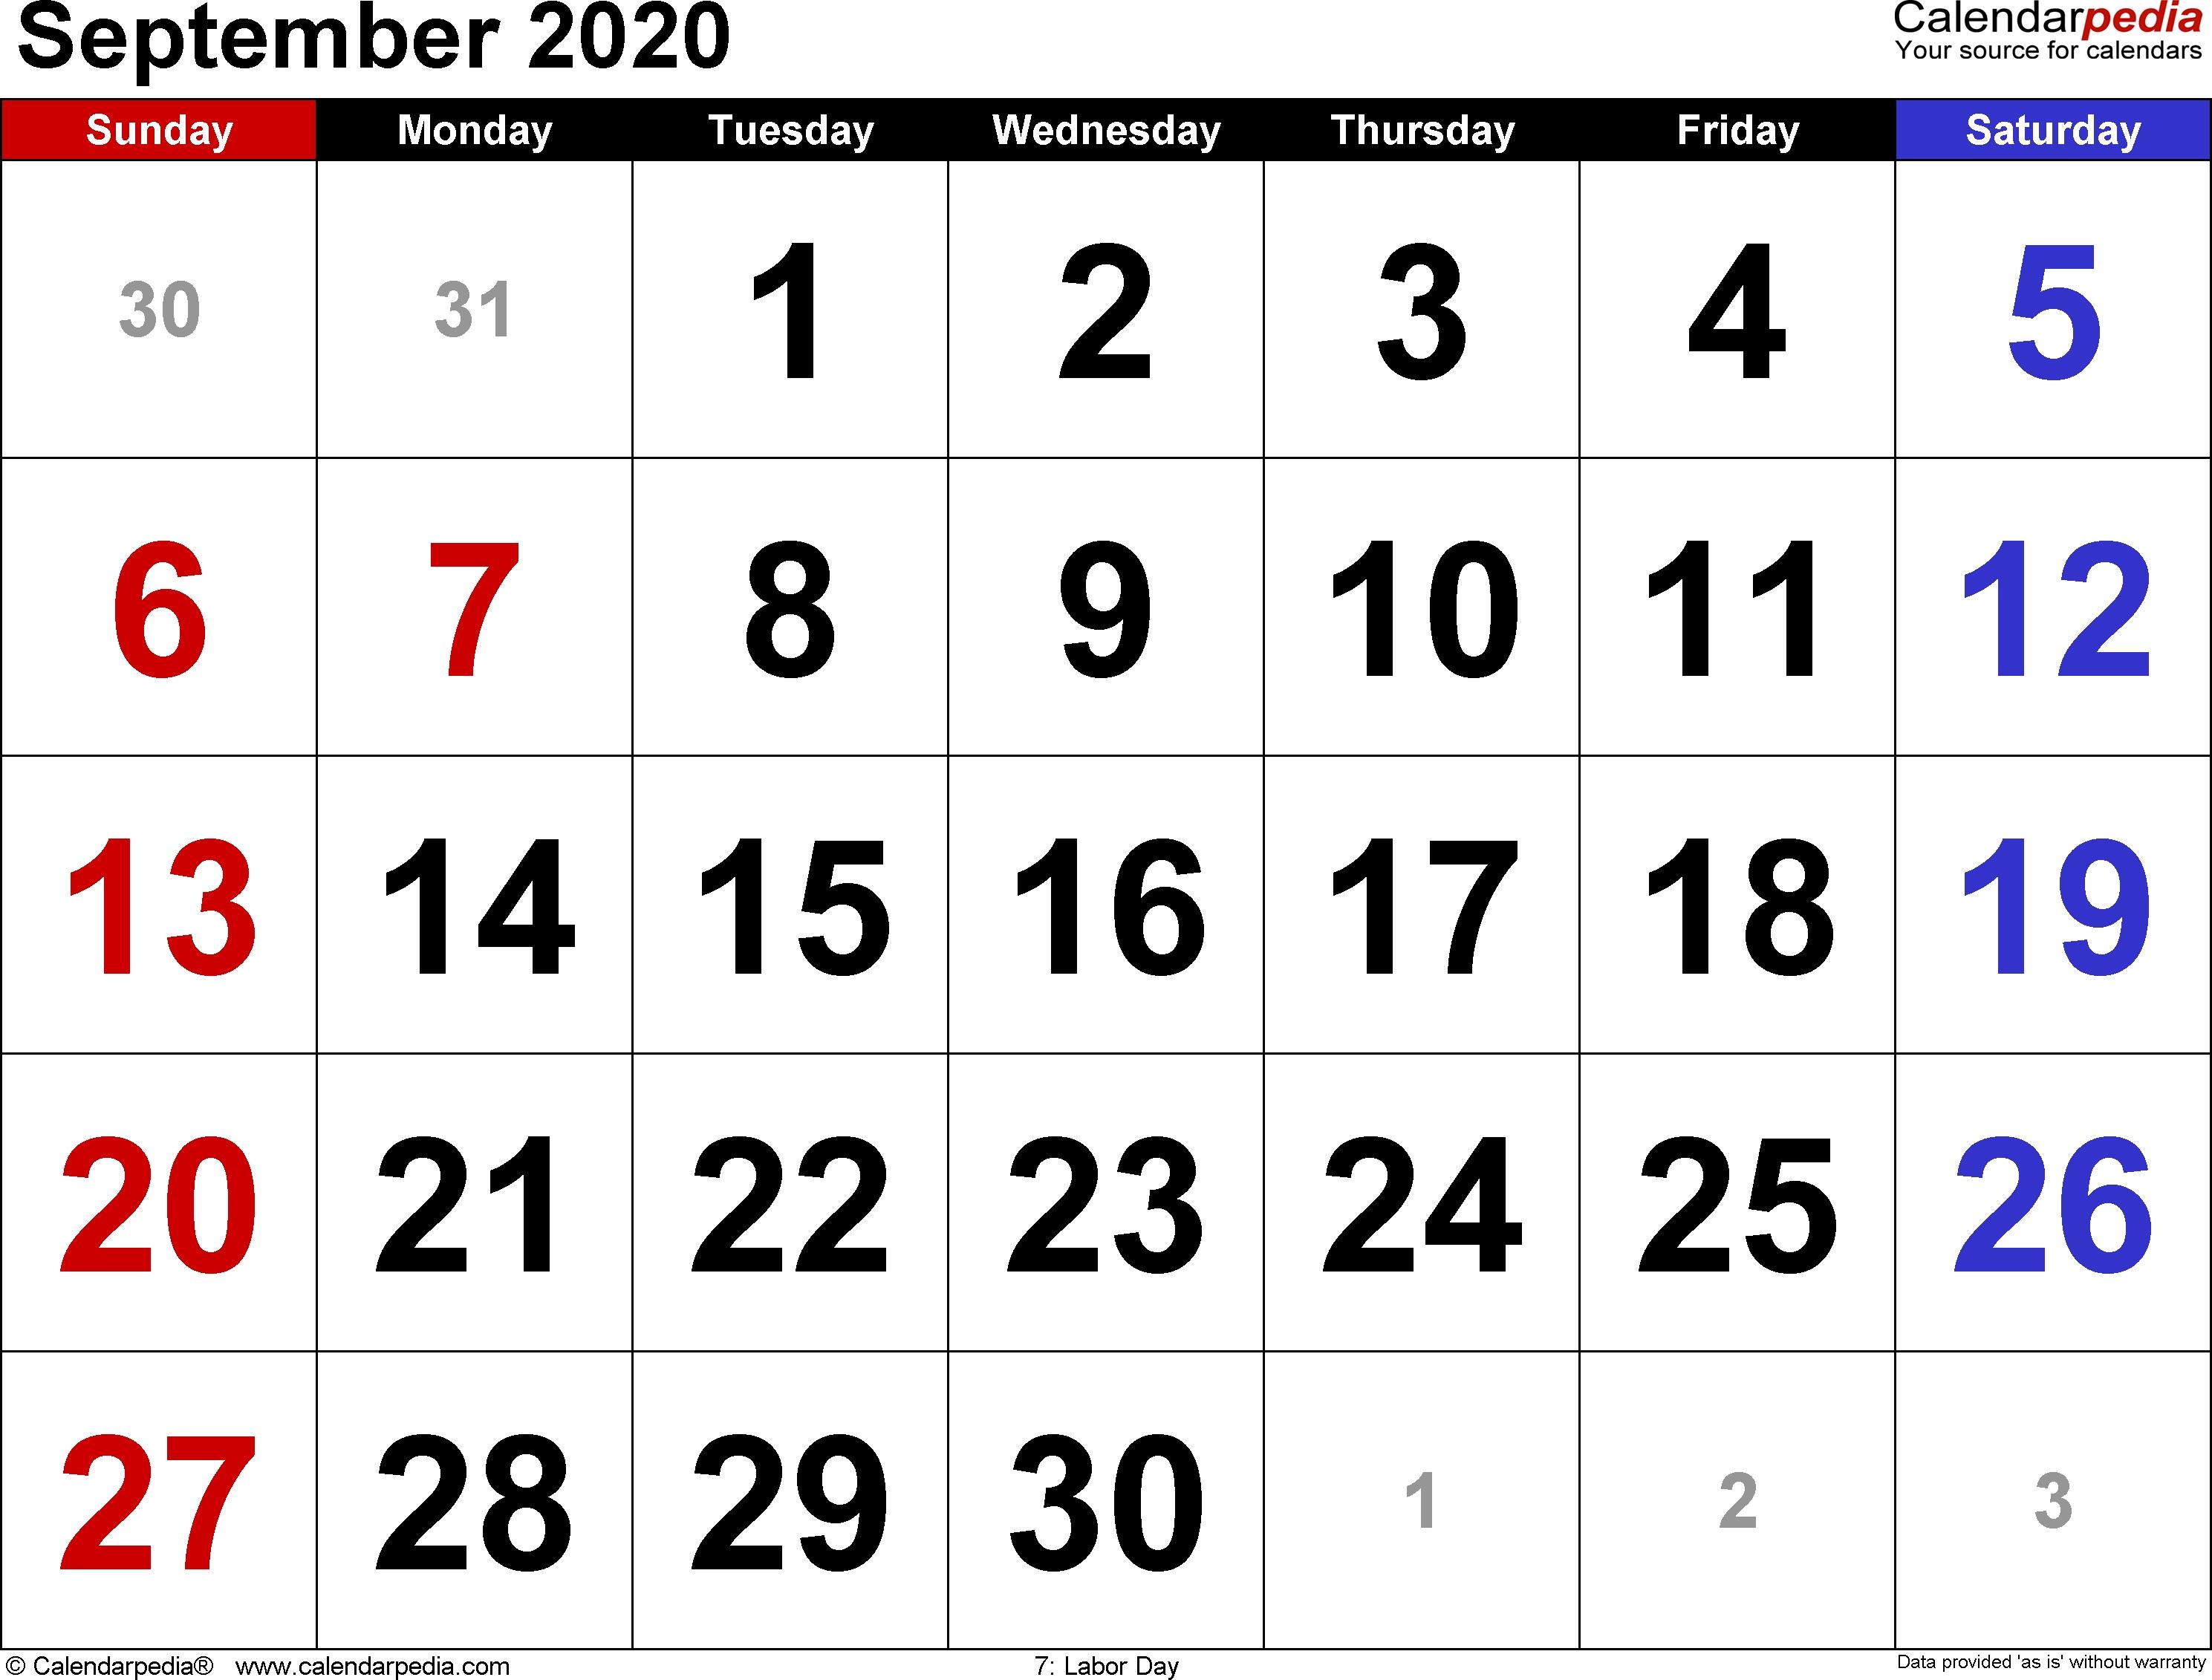 September 2020 Calendars For Word, Excel & Pdf  Printable Full Size Septmeber 2020 Calendar